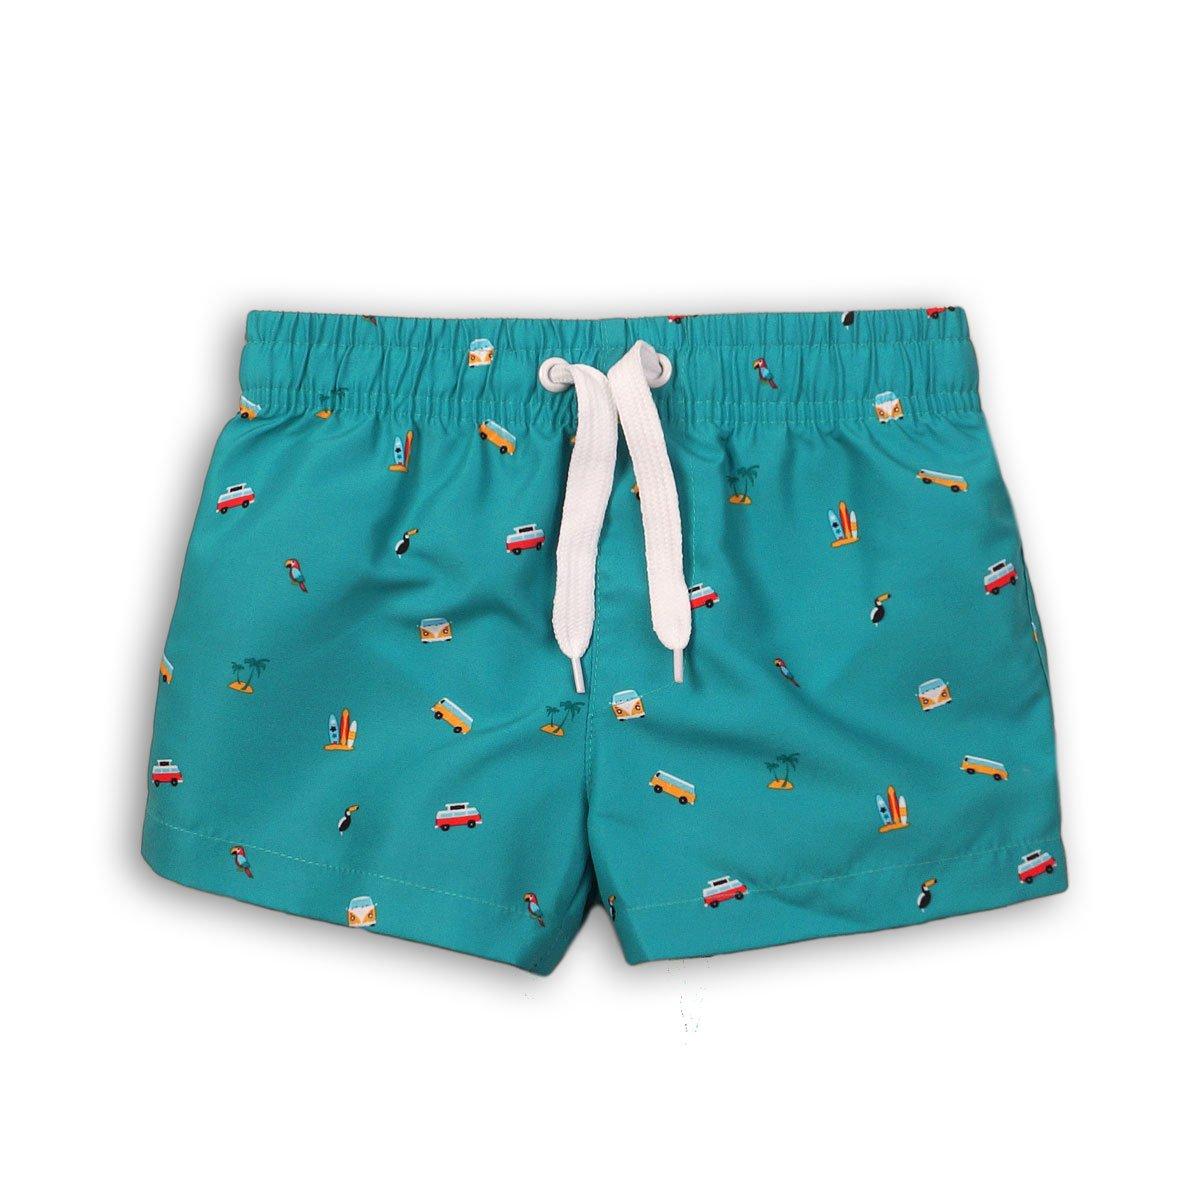 Pantaloni scurti cu imprimeu total, Minoti Basic 22331615 imagine